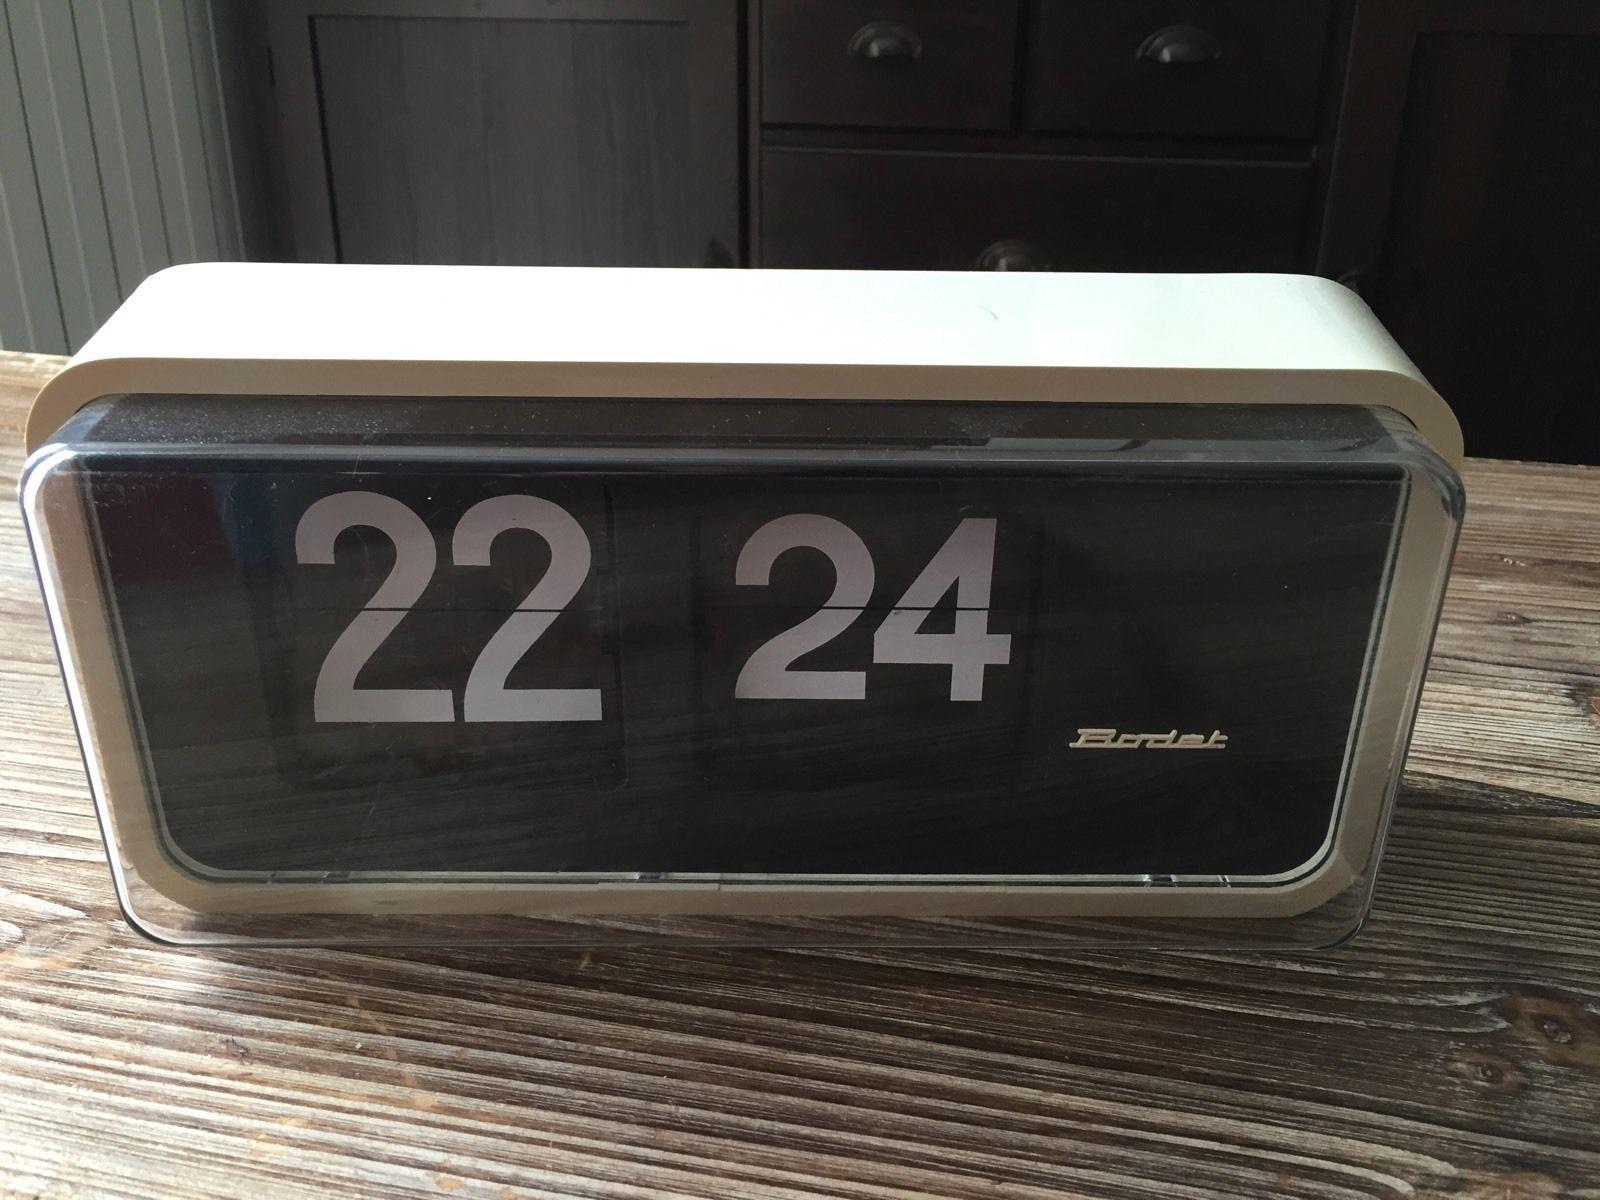 horloge bodet palettes avec boitier blanc vintage bodet pinterest vintage. Black Bedroom Furniture Sets. Home Design Ideas